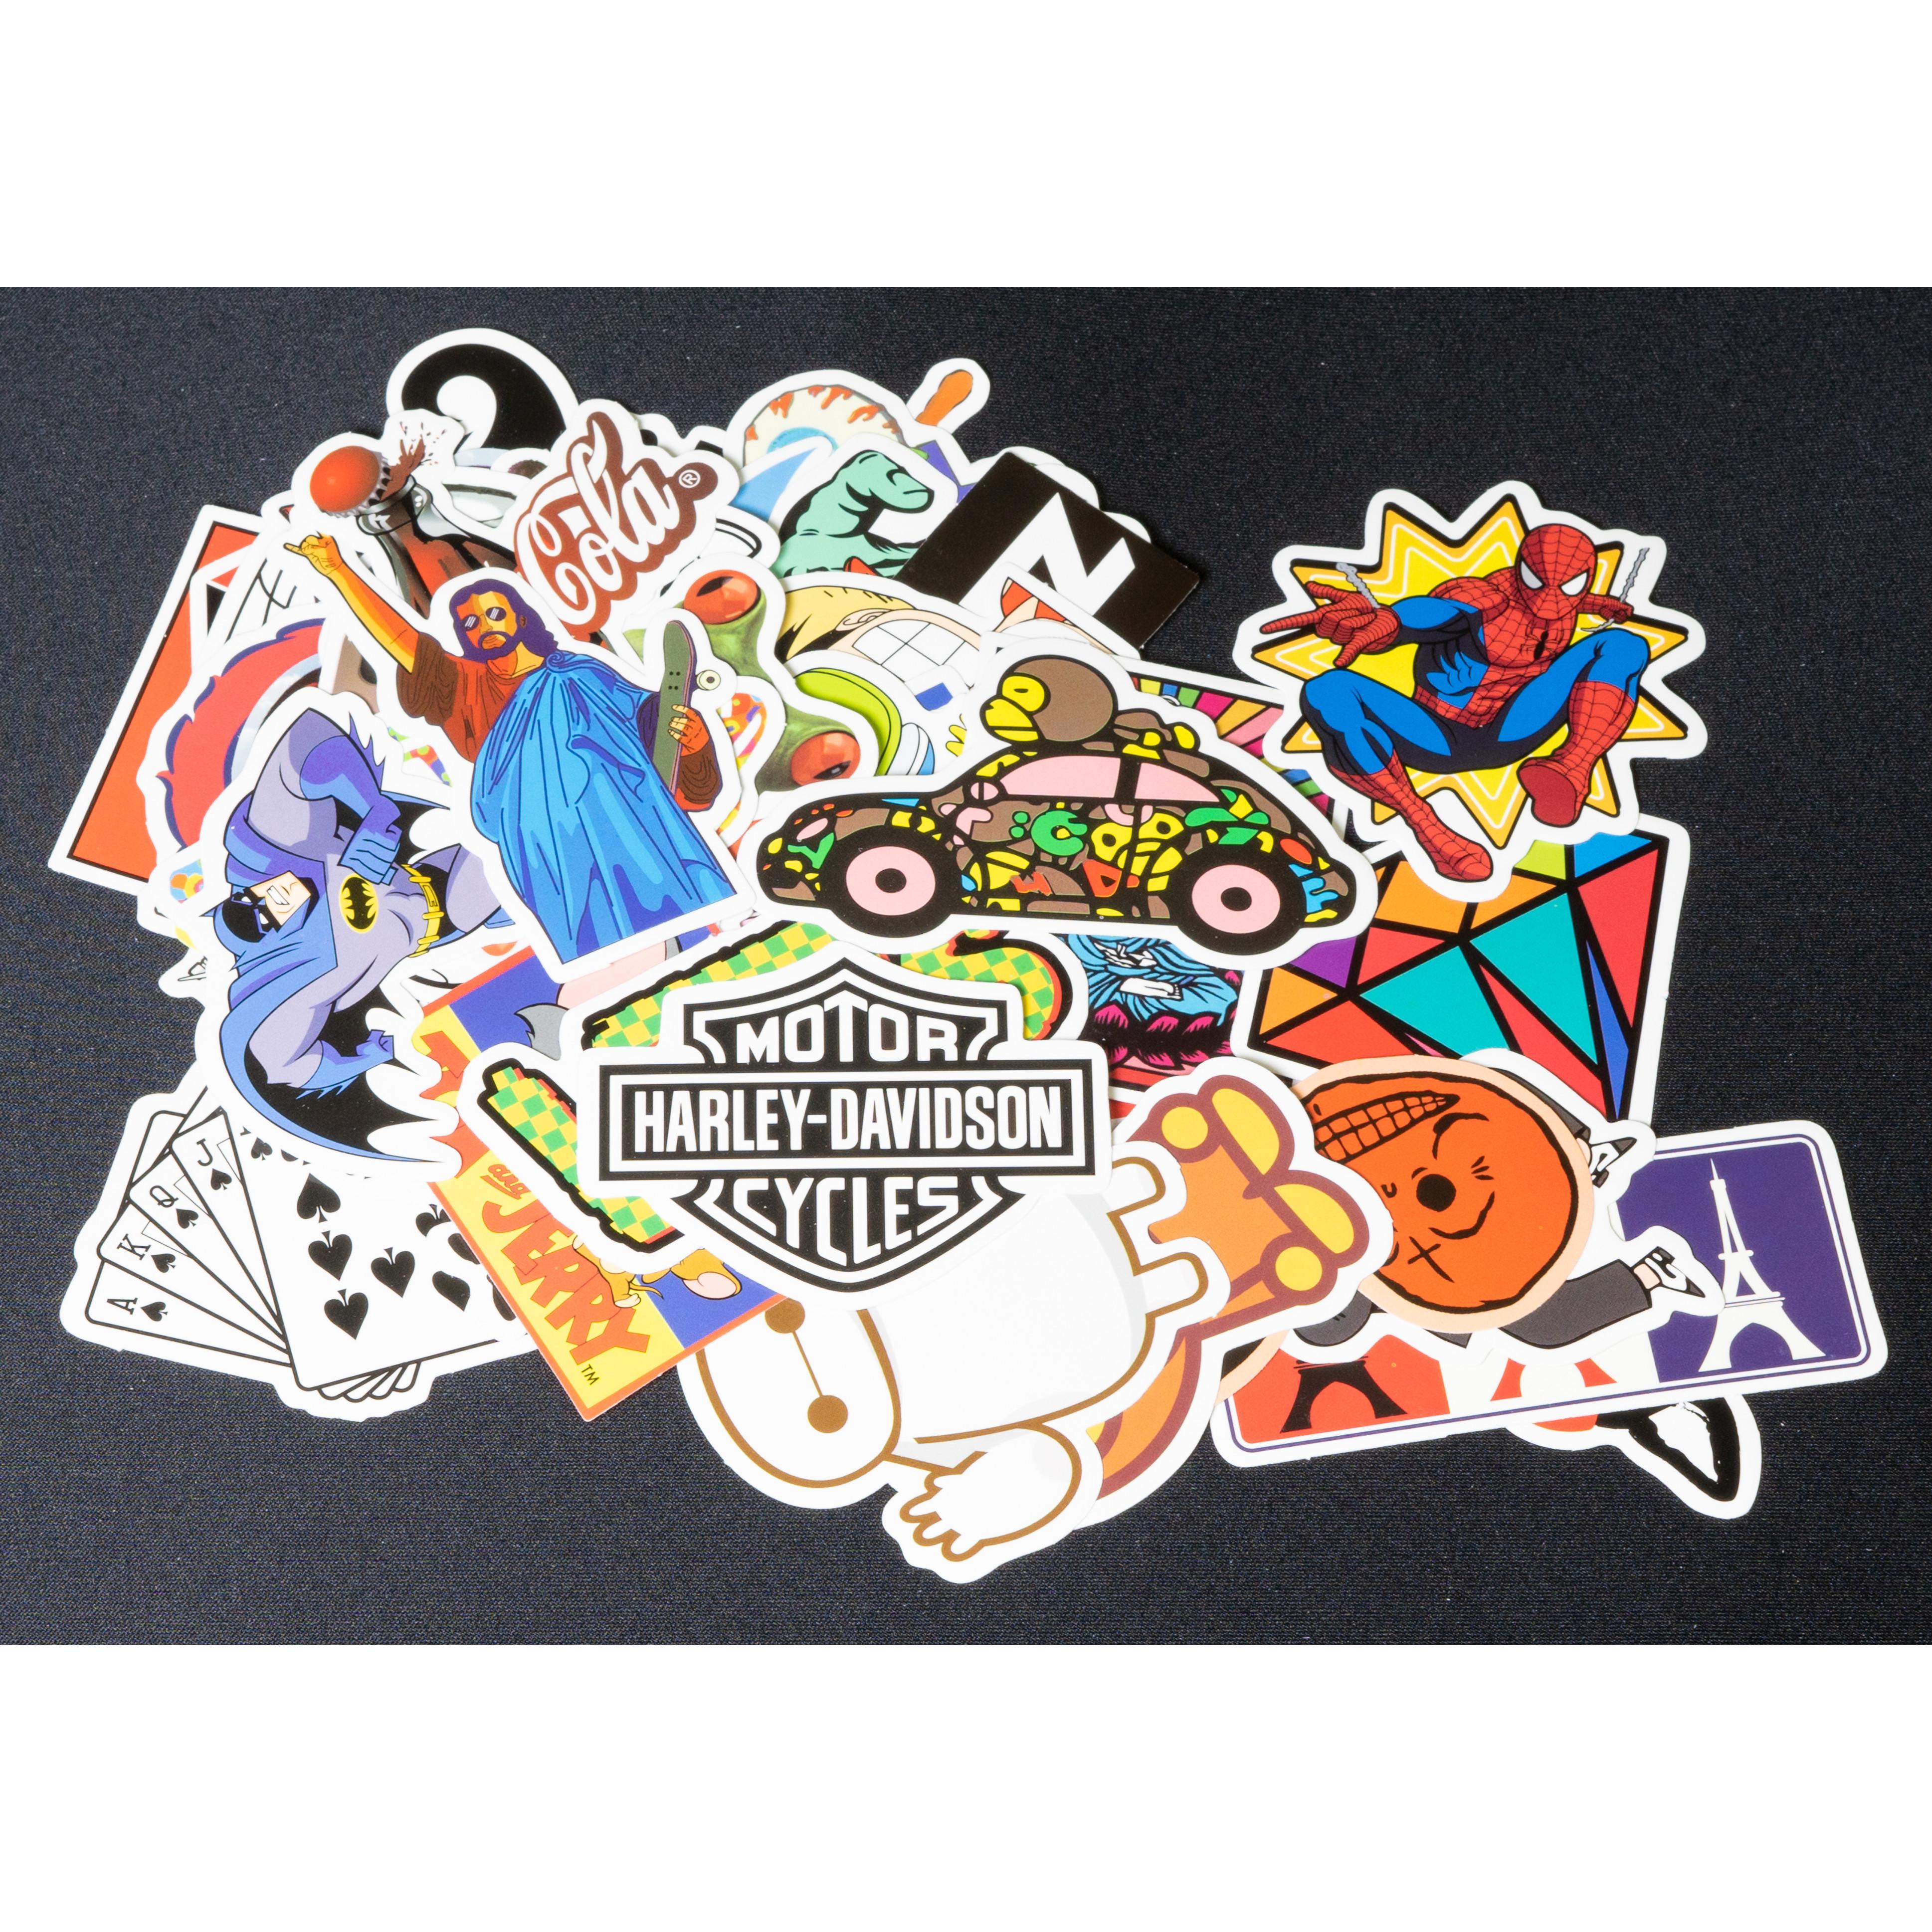 Bộ 20 50 sticker hình dán mẫu mới trang trí laptop, macbook, xe đạp, xe máy, vali du lịch